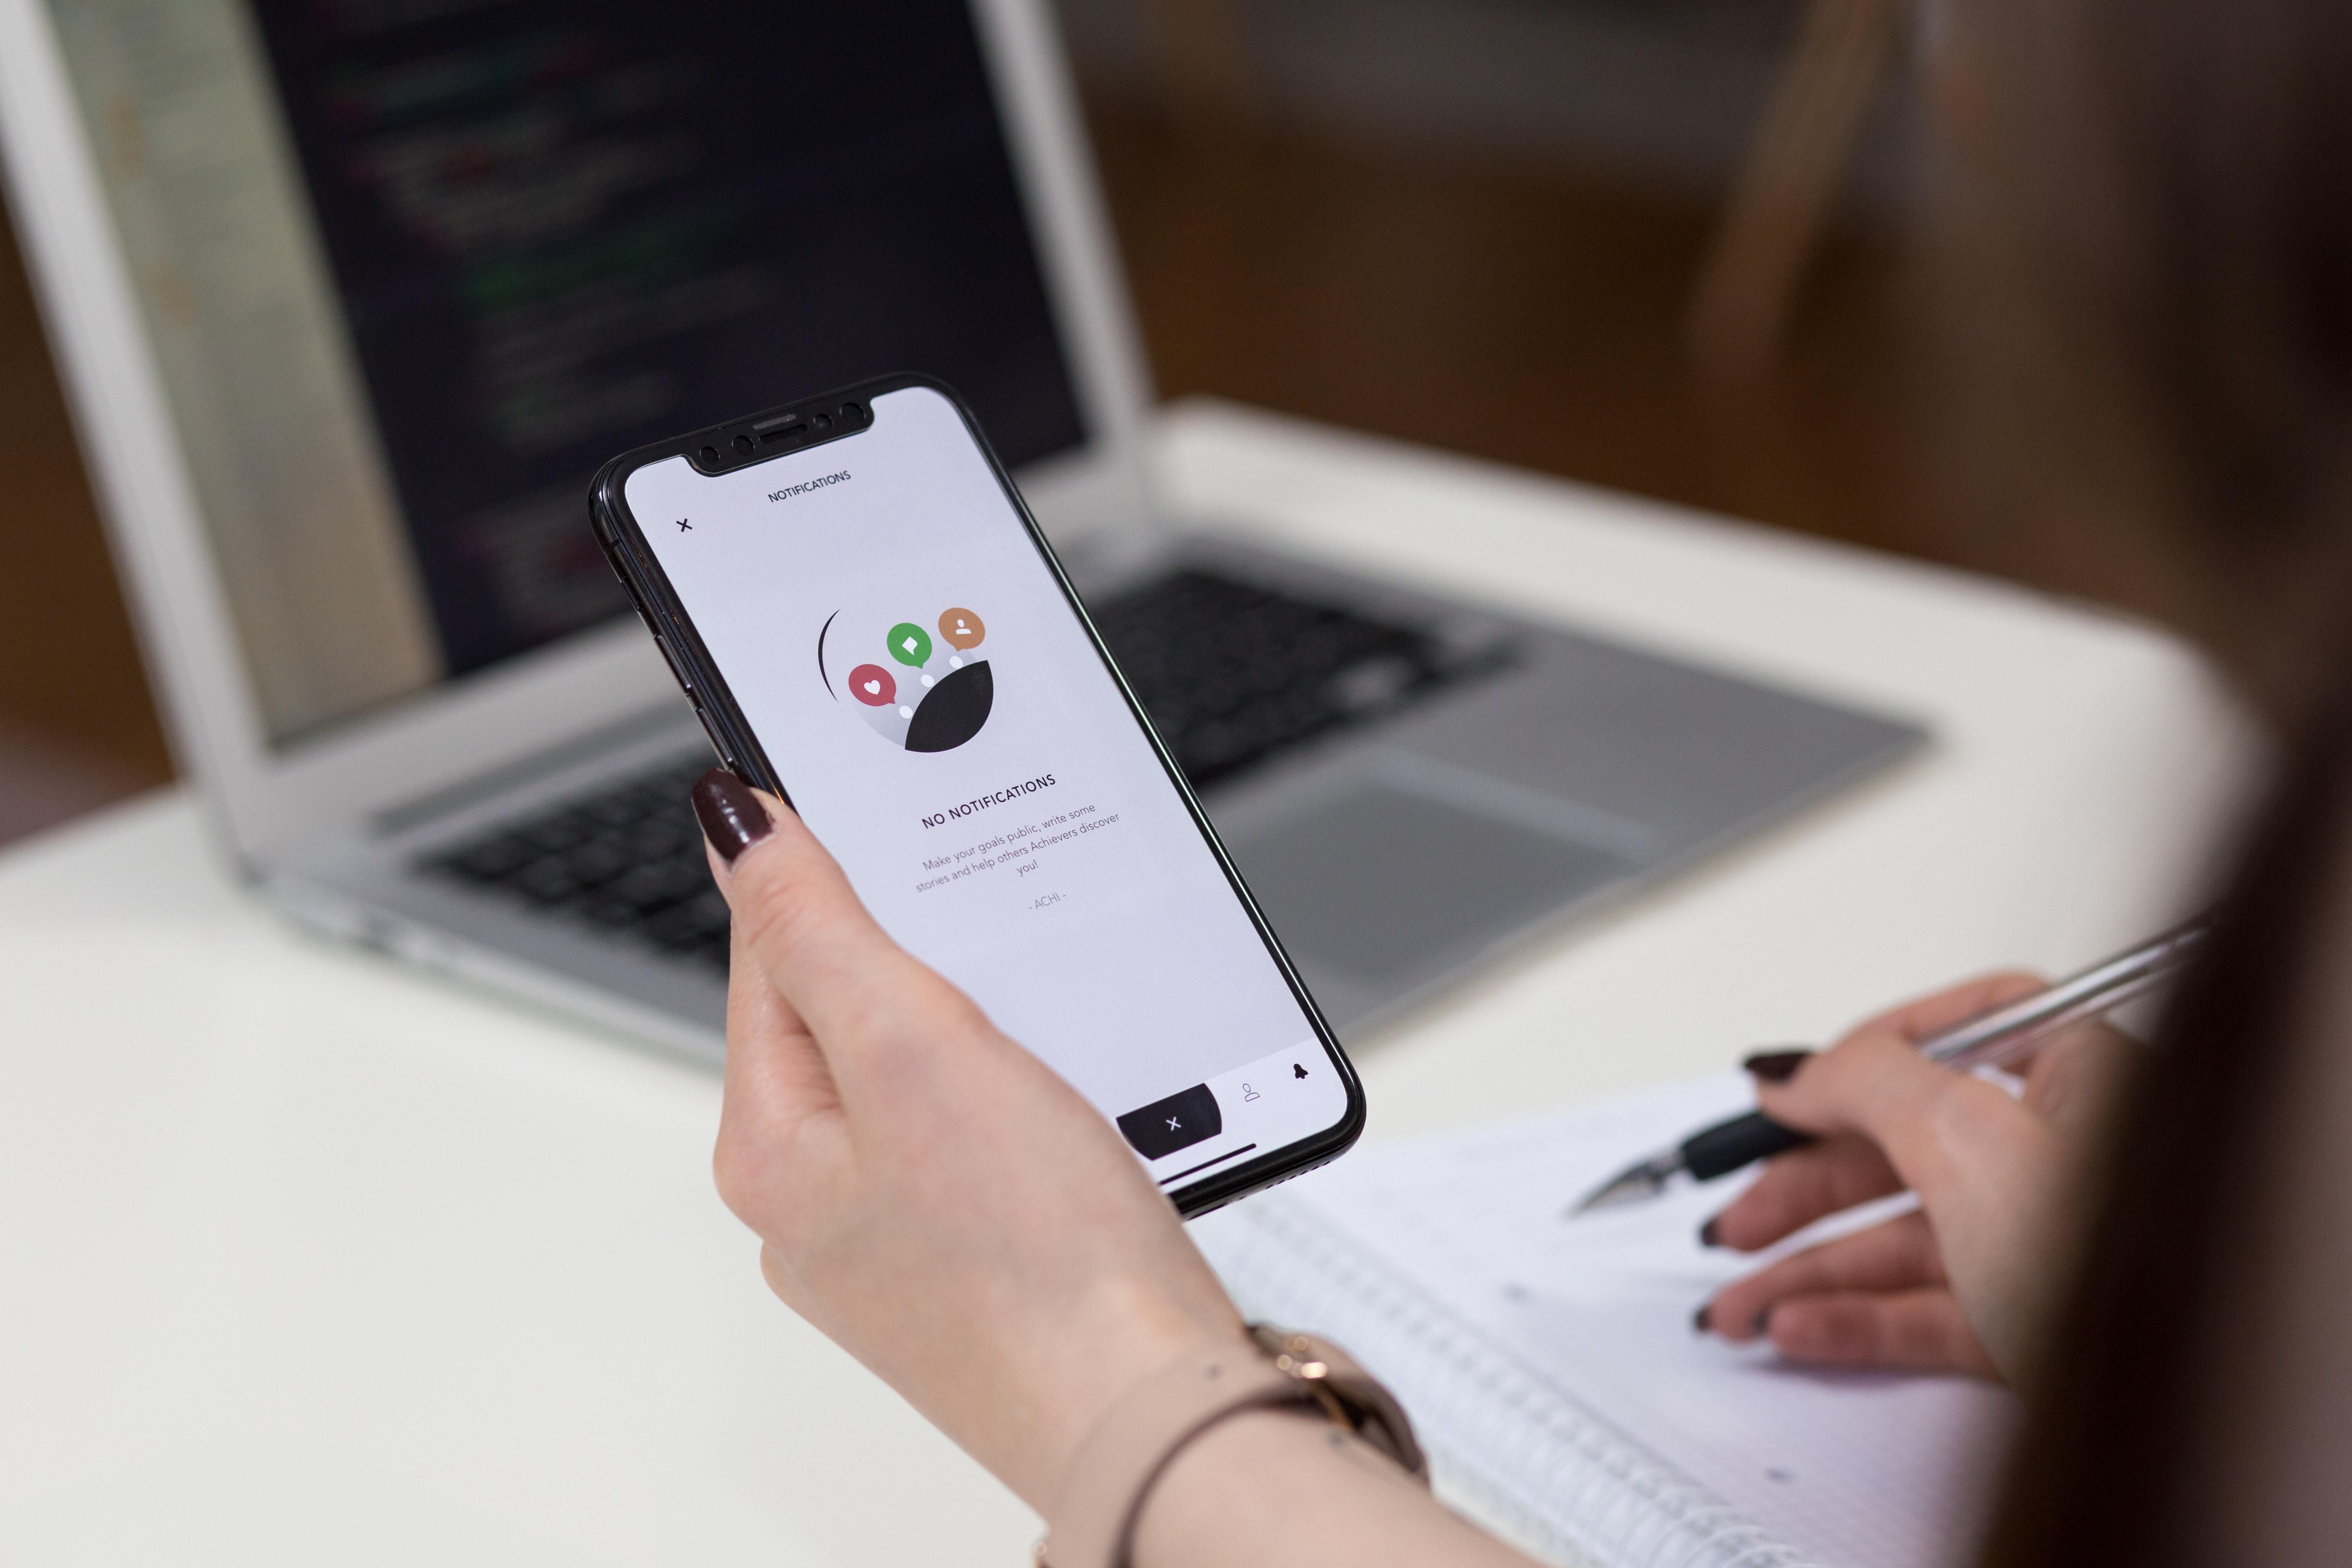 2019 Mobil Arayüz Tasarımı Ekran Boyutları